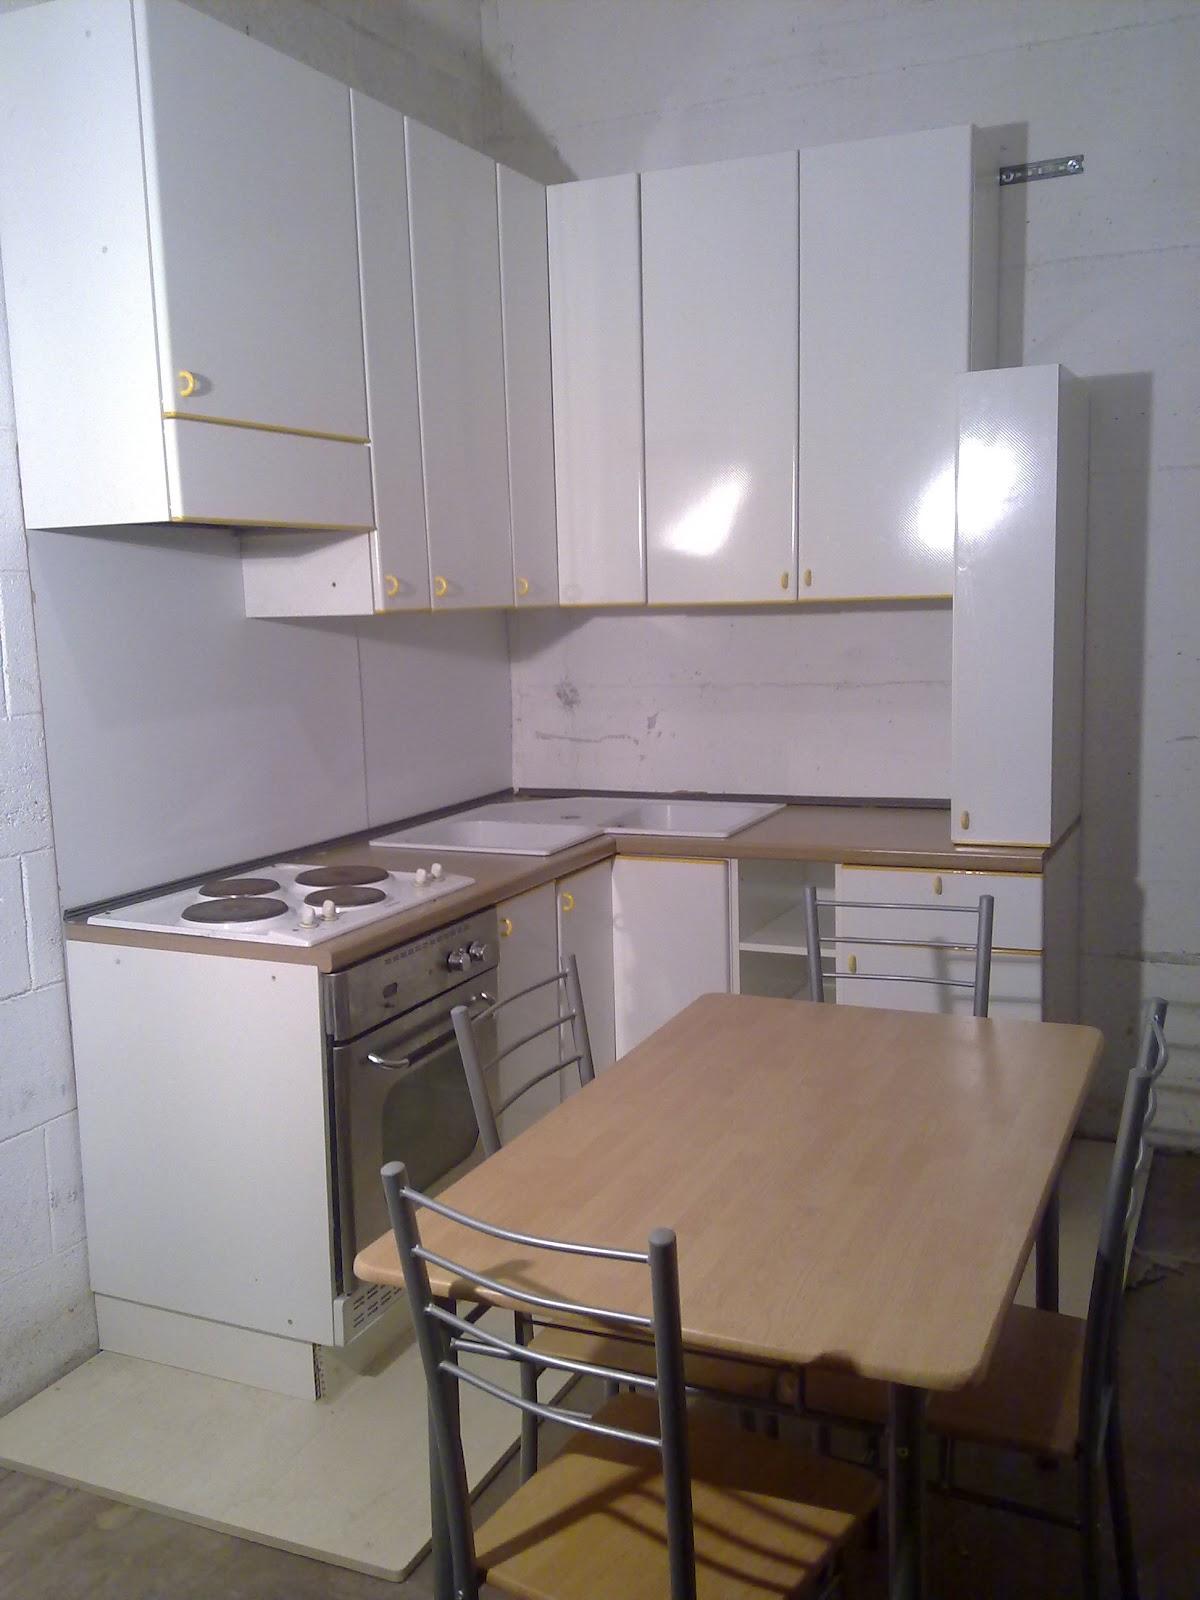 Lavandini Ad Angolo Per Cucina | Cucina Con Lavello Ad Angolo Ikea